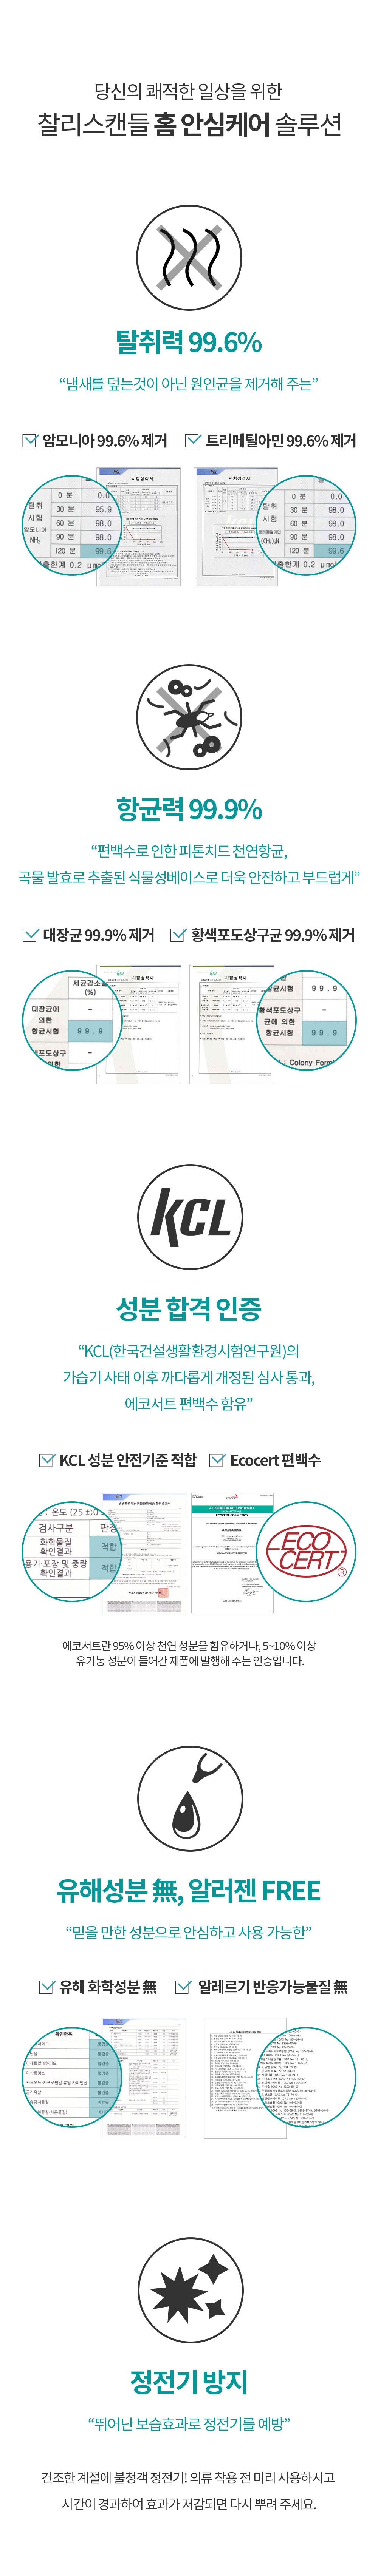 """찰리스캔들 홈 안심케어 솔루션 탈취력 99.6% 냄새를 덮는것이 아닌 원인균을 제거해 주는 항균력 99.9% 편백수로 인한 피톤치드 천연항균 및 진드기 기피,곡물 발효로 추출된 식물성베이스로 더욱 안전하고 부드럽게 """"KCL(한국건설생활환경시험연구원)의 가습기 사태 이후 까다롭게 개정된 심사 통과, 에코서트 편백수 함유 유해성분 無, 알러젠 FREE 믿을 만한 성분으로 안심하고 사용 가능한 정전기 방지 뛰어난 보습효과로 정전기를 예방 건조한 계절에 불청객 정전기! 의류 착용 전 미리 사용하시고 시간이 경과하여 효과가 저감되면 다시 뿌려 주세요."""